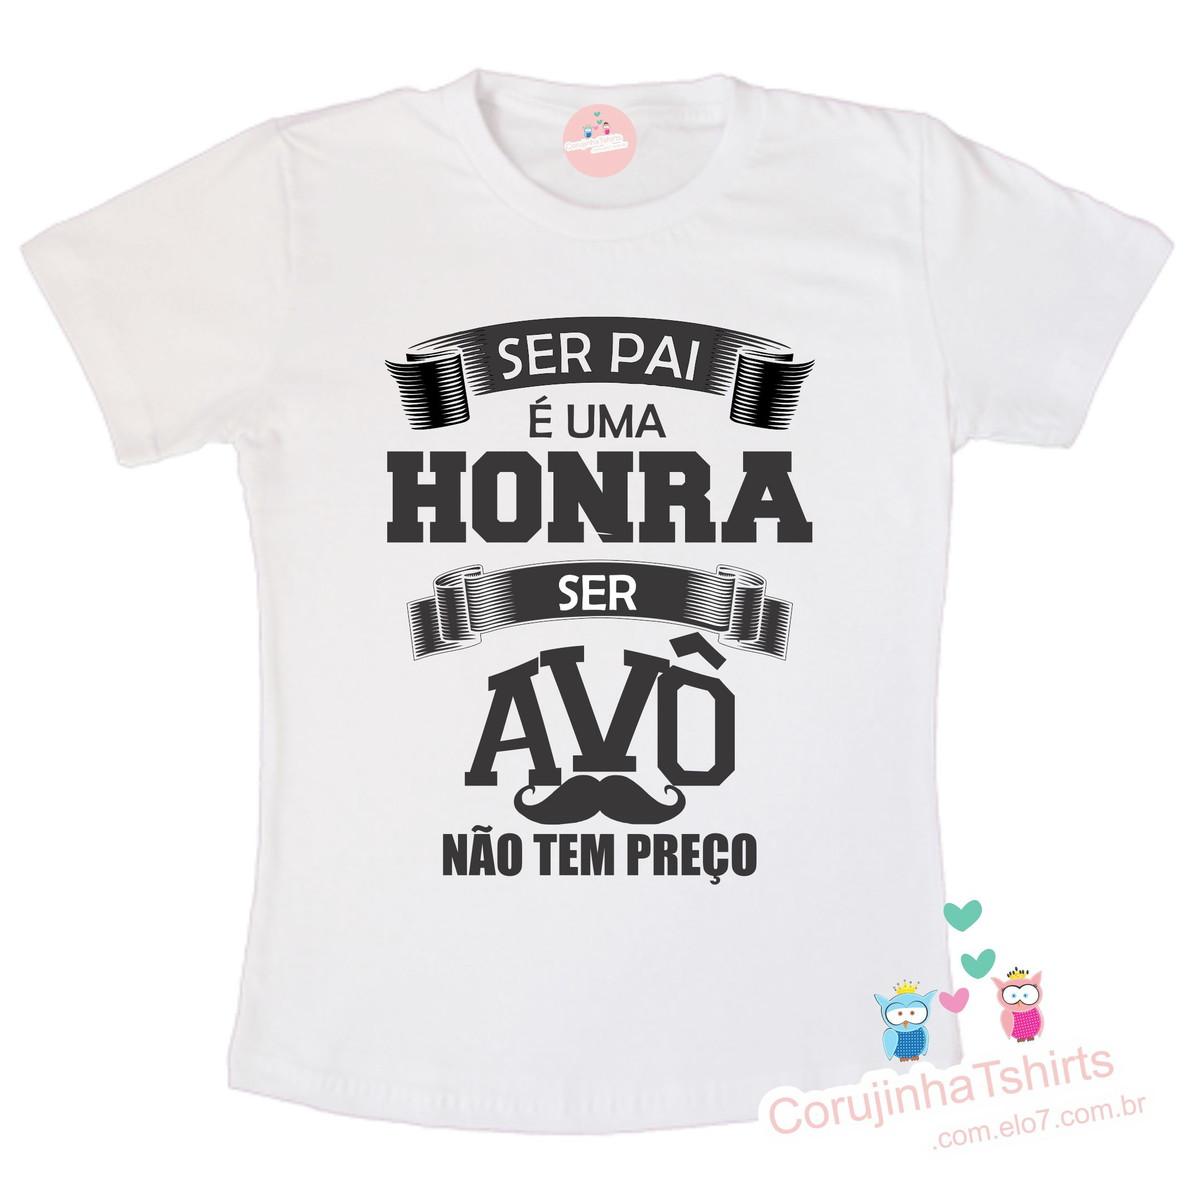 da5a661a98 Camiseta avô no Elo7